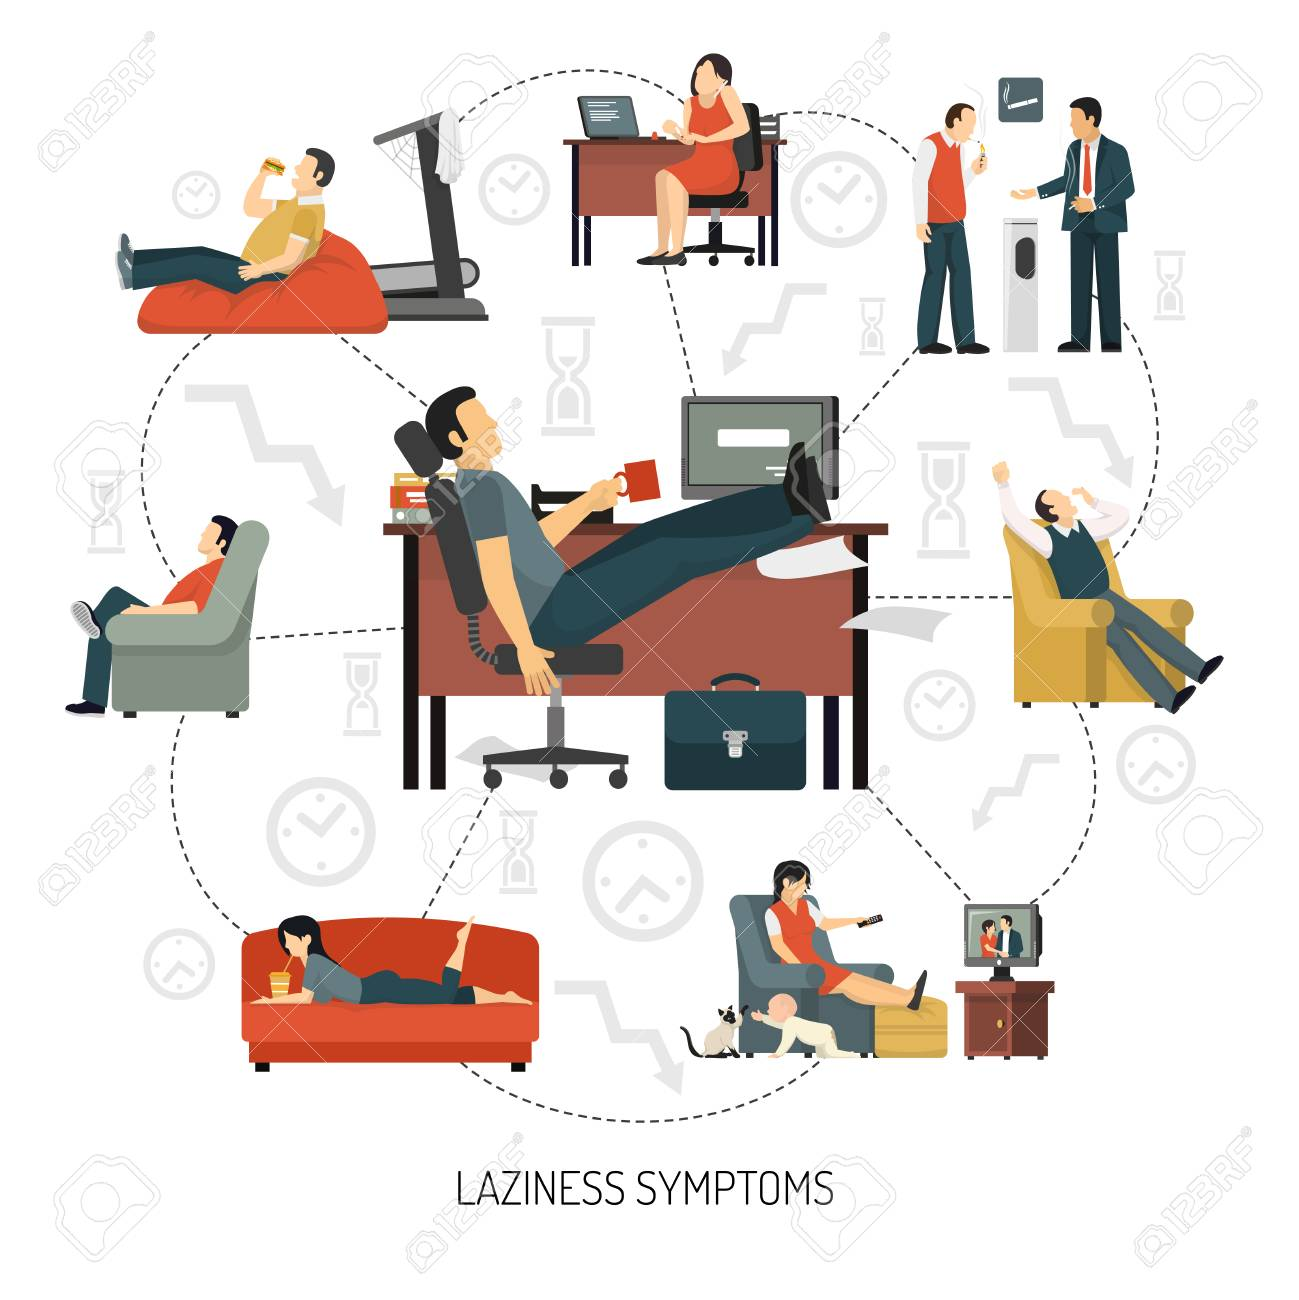 technology and laziness